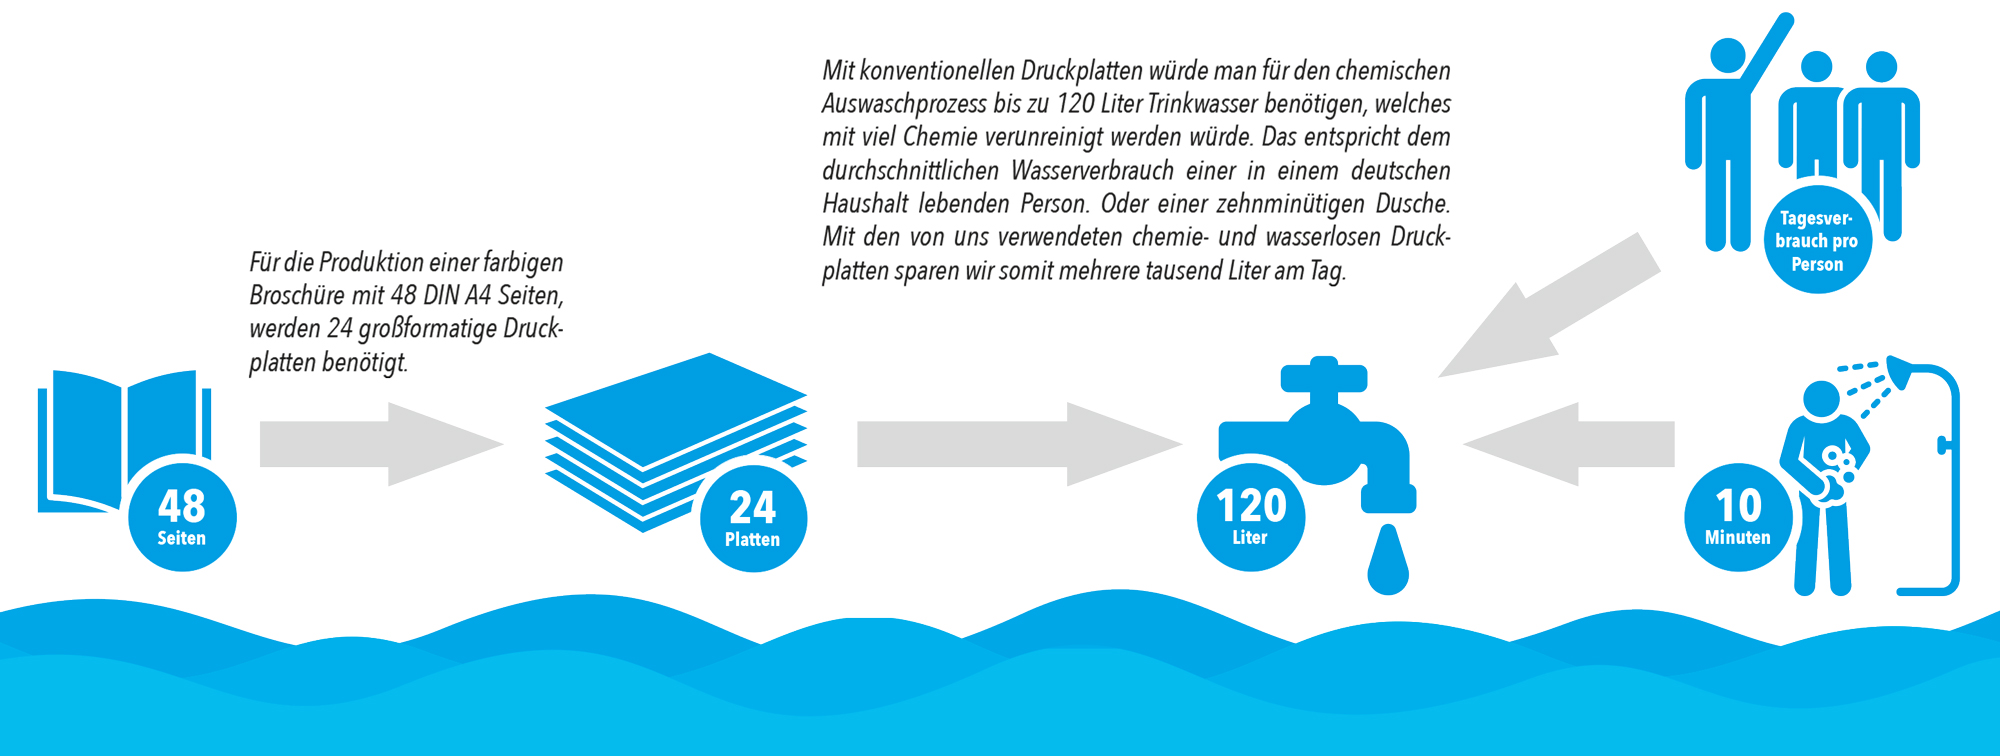 Beispielrechnung Wasserersparnis